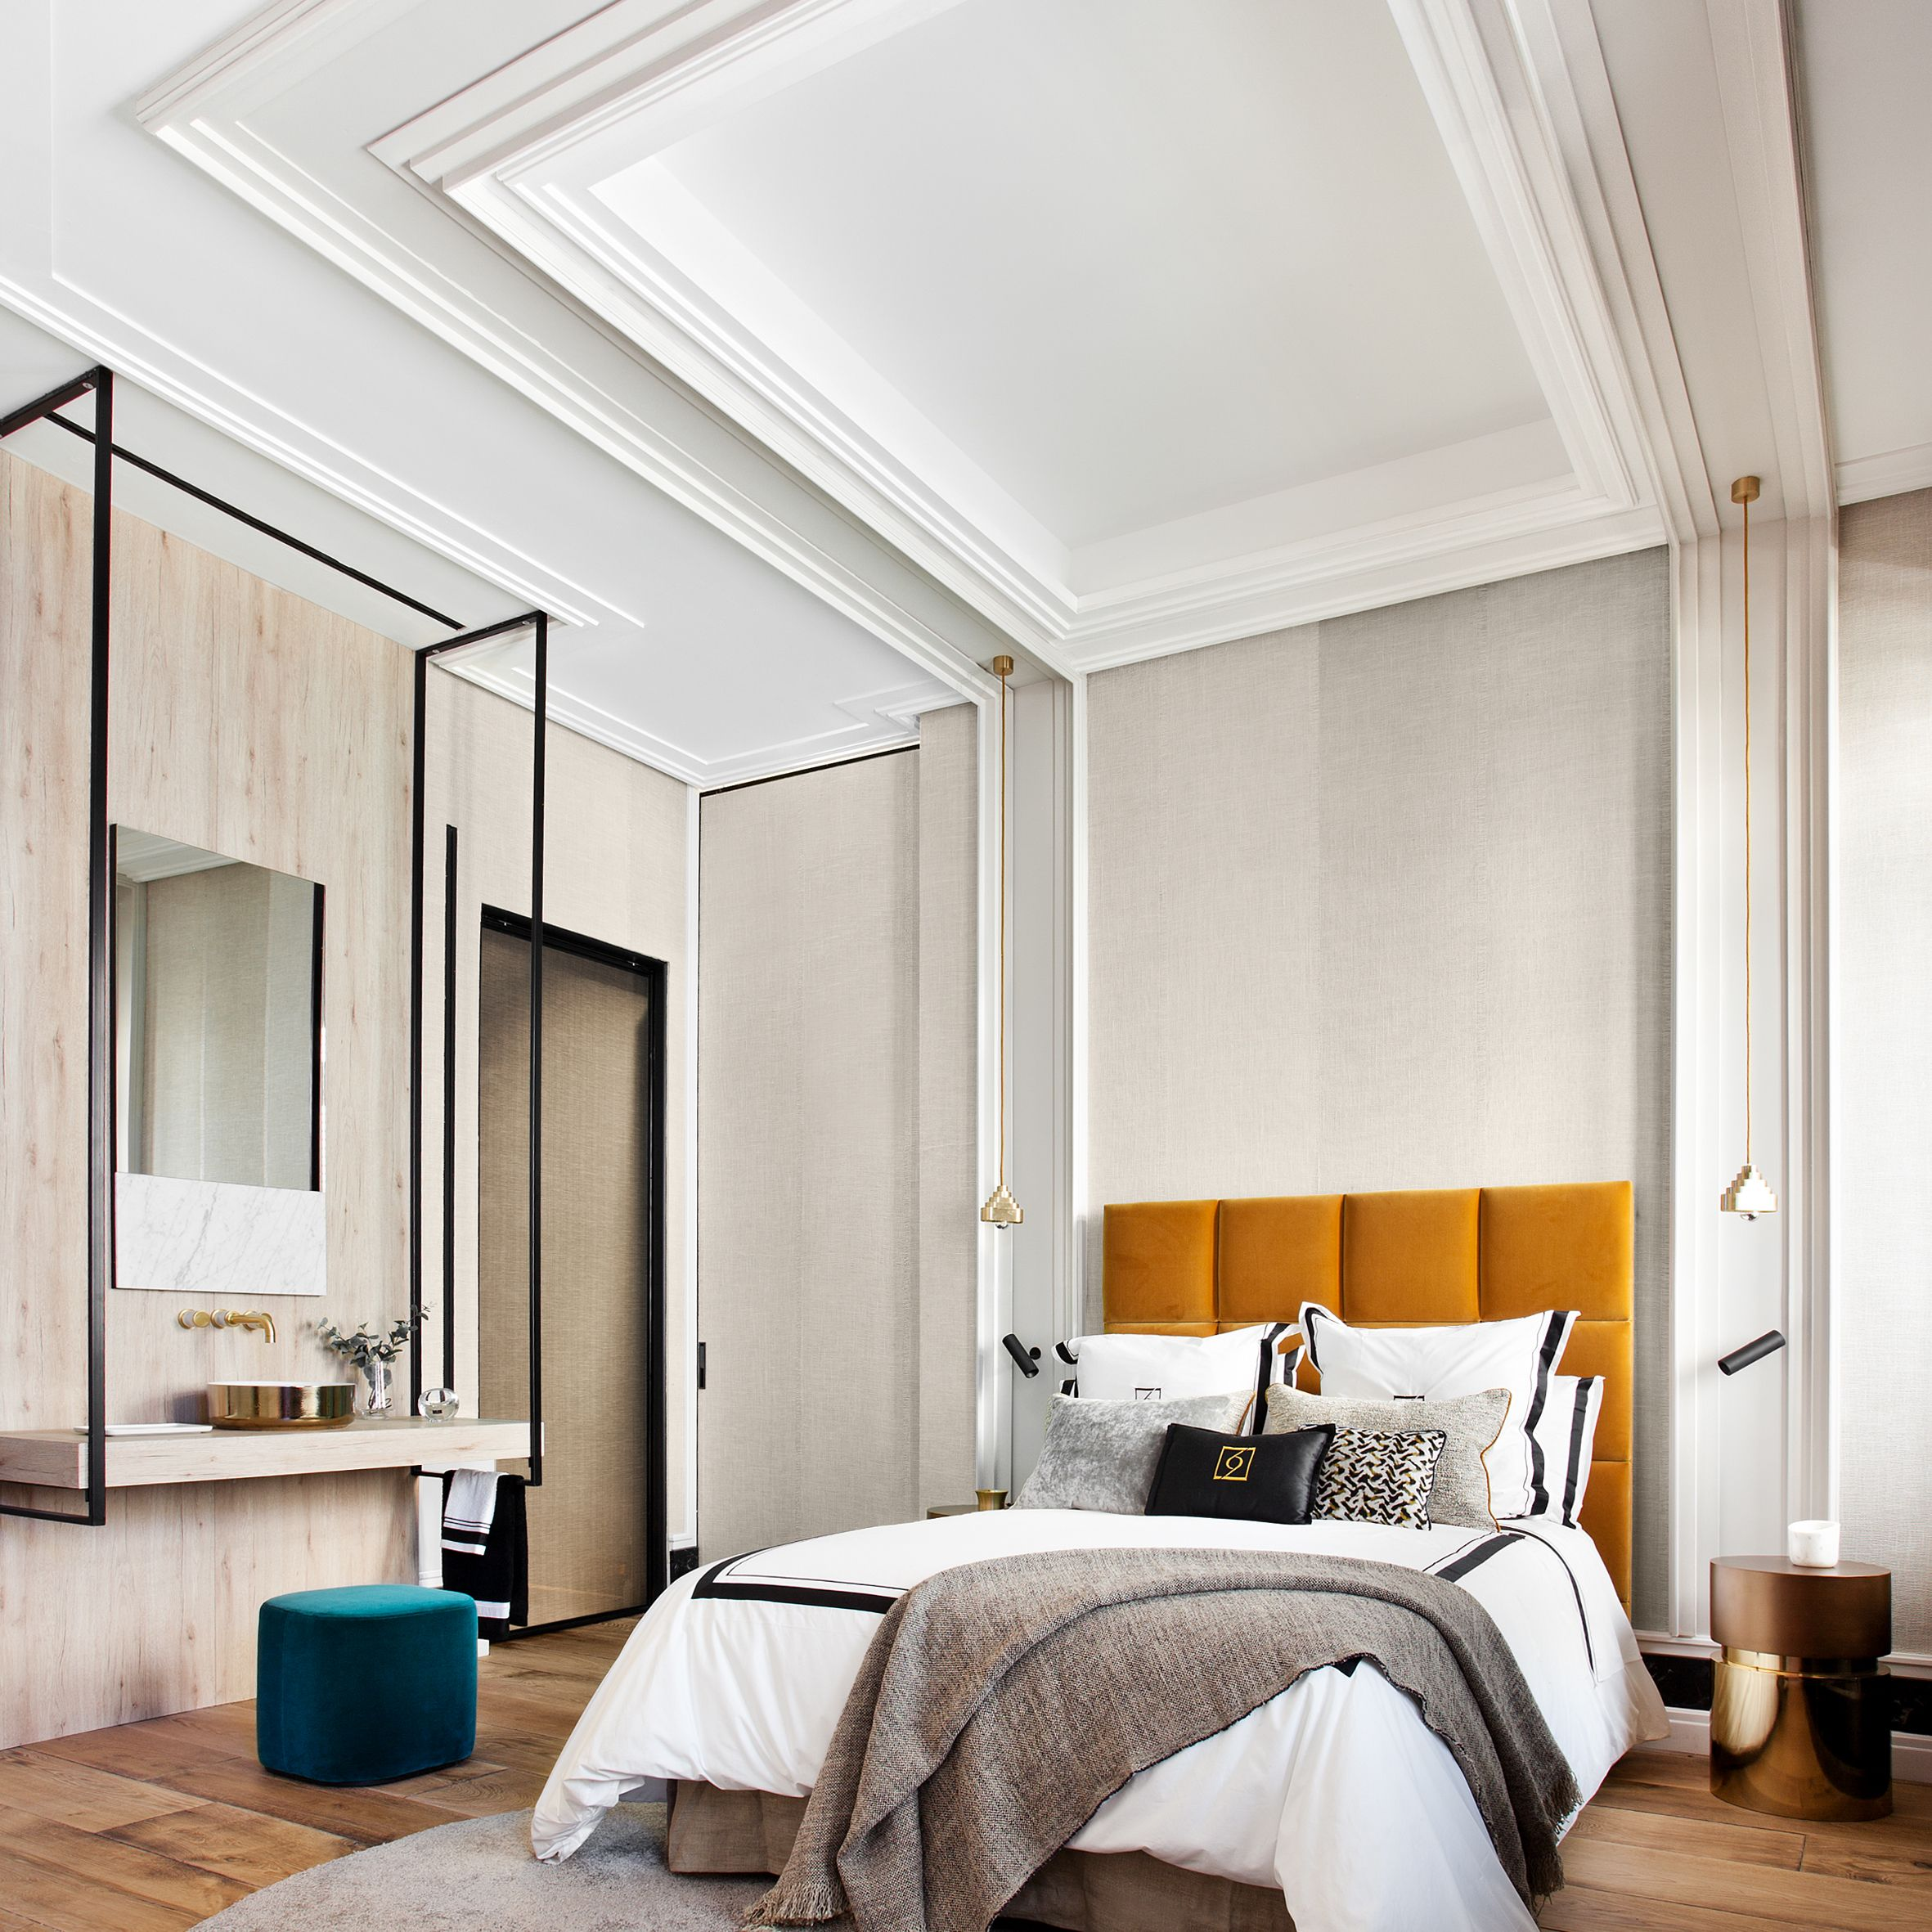 Meine Decke Ist Viel Zu Hoch Und Wirkt Wenig Einladend Welche Losungen Gibt Es Dafur Moderne Wohnzimmergestaltung Wohnzimmer Design Und Inneneinrichtung